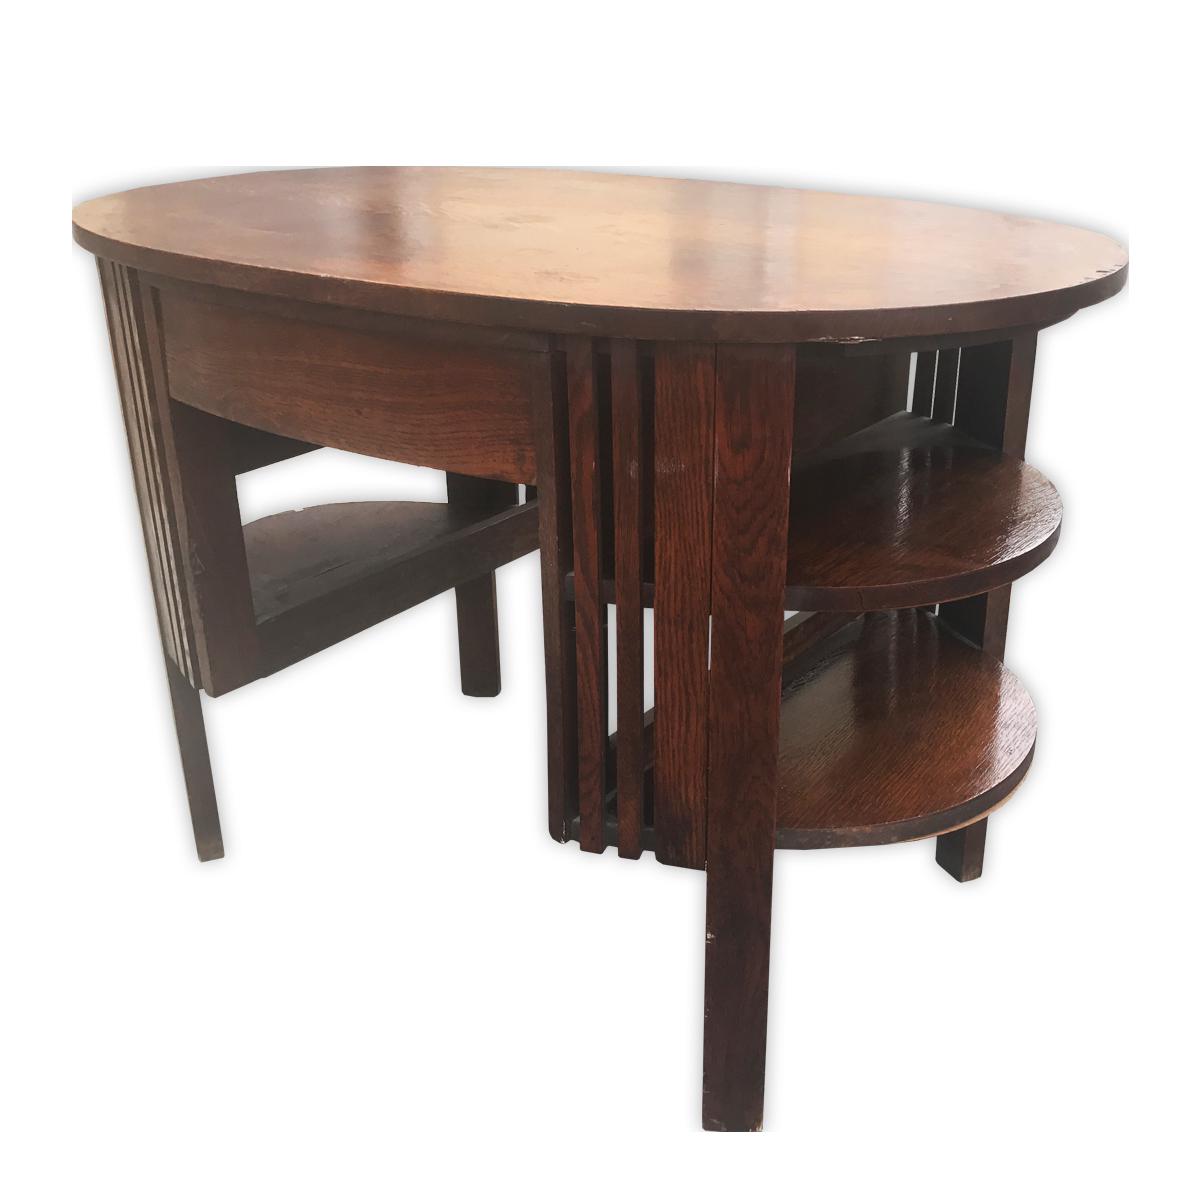 Antique mission oak oval office desk chairish - Oval office desk ...